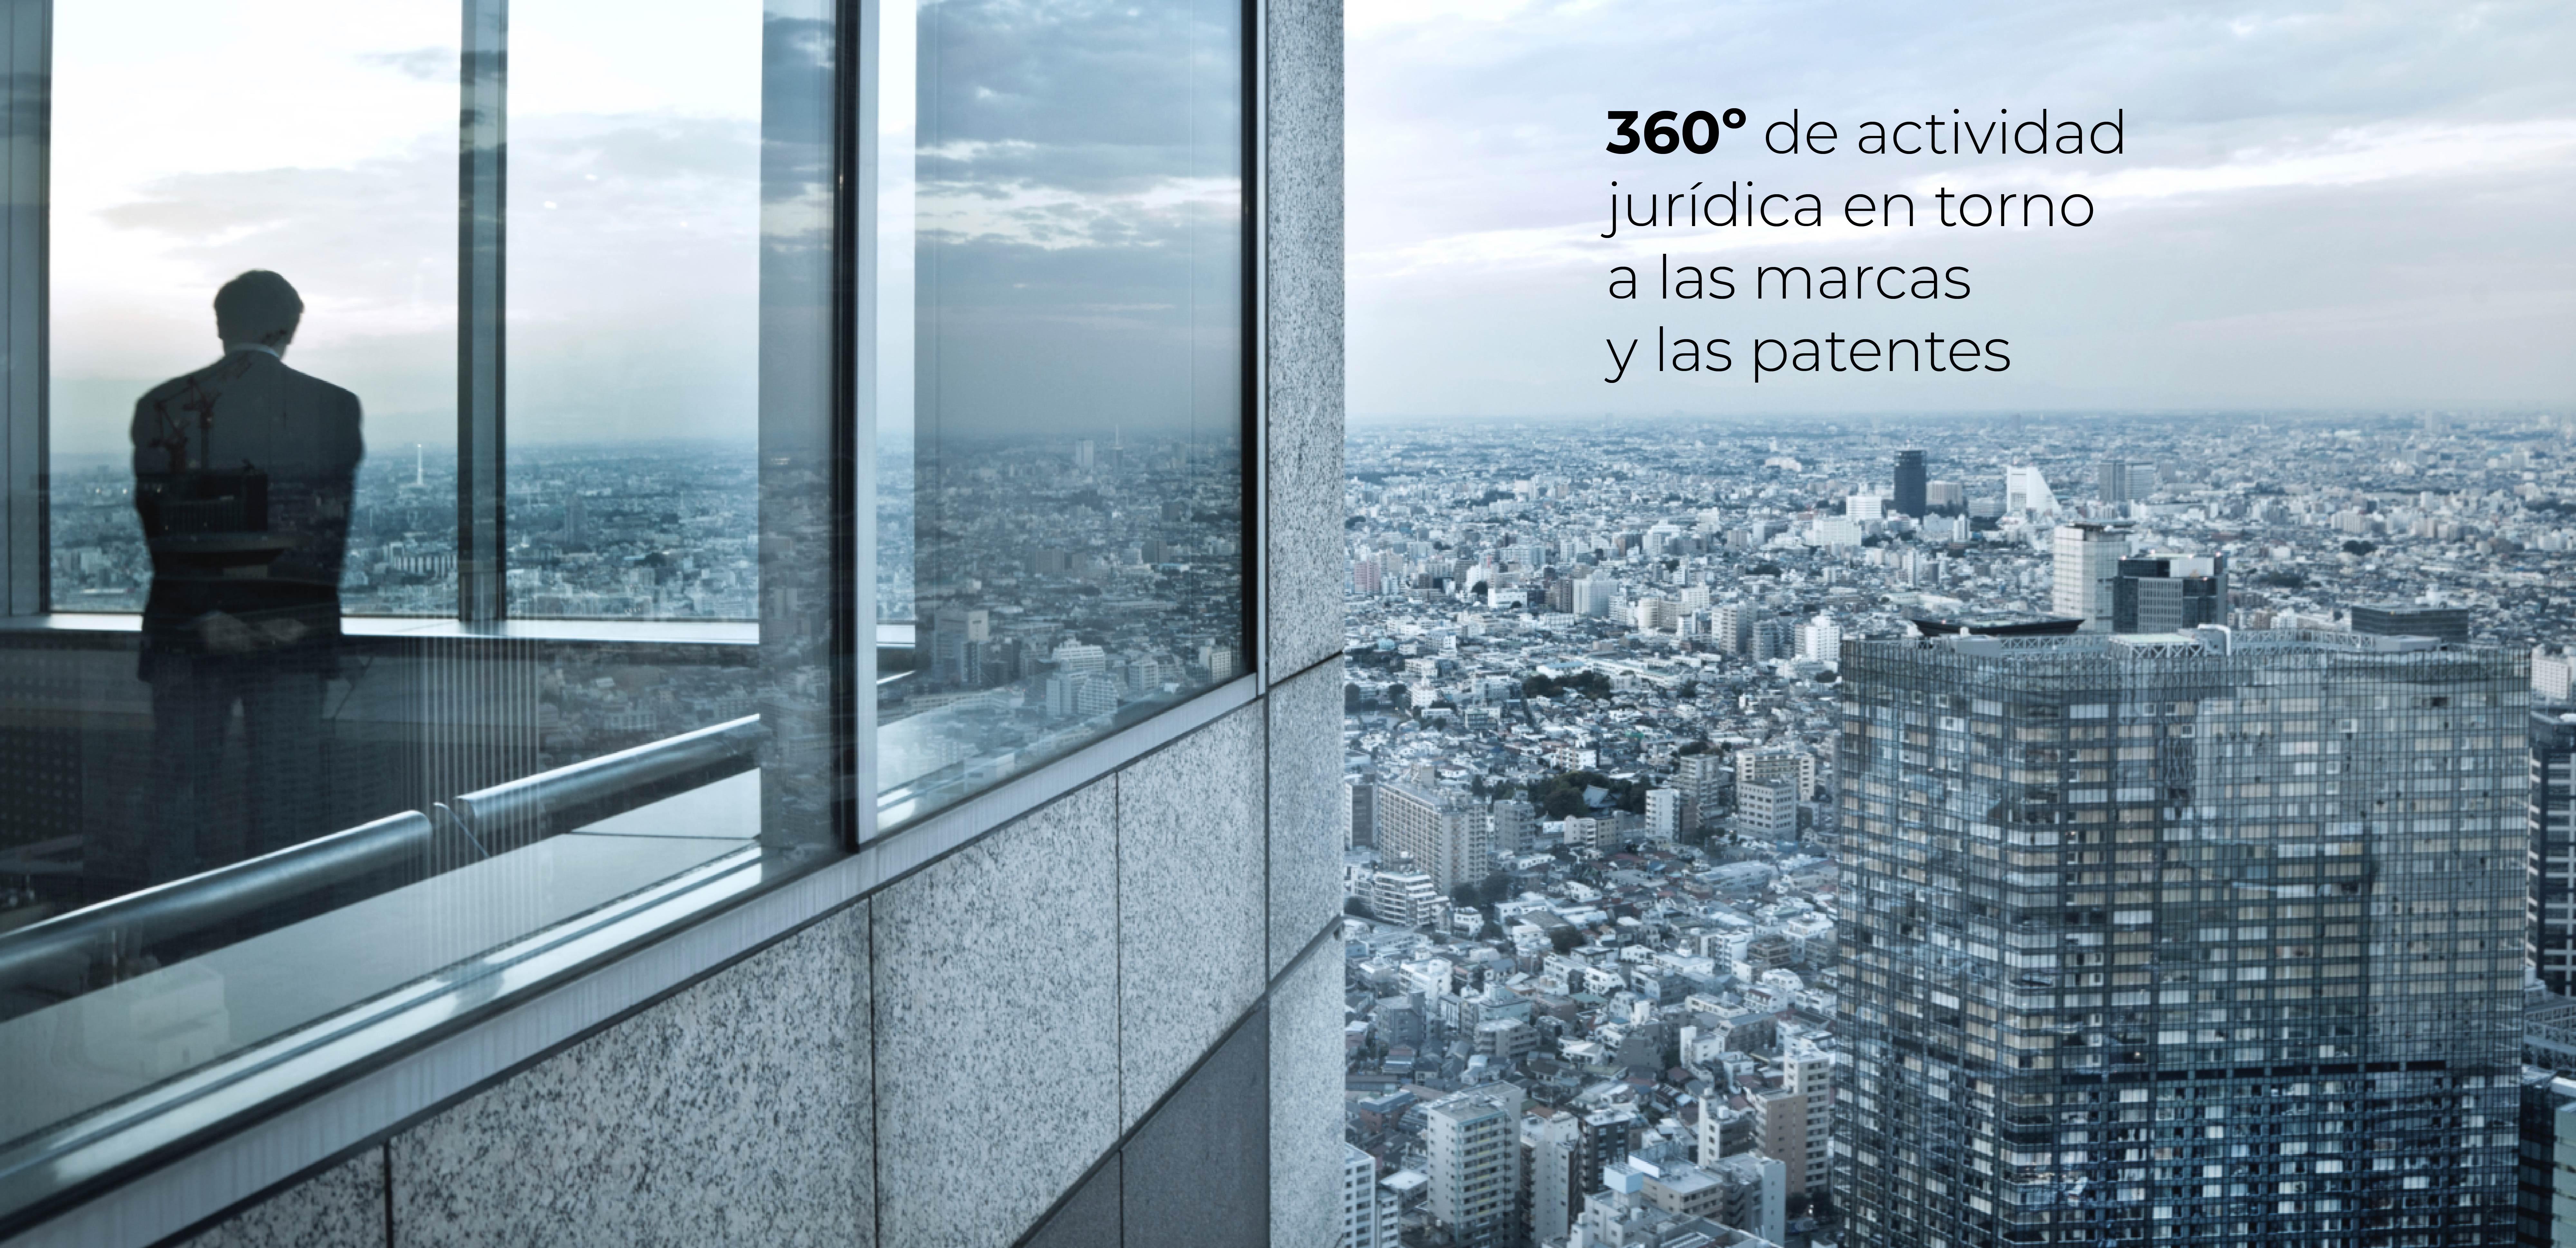 360º de actividad jurídica en torno a las marcas y las patentes